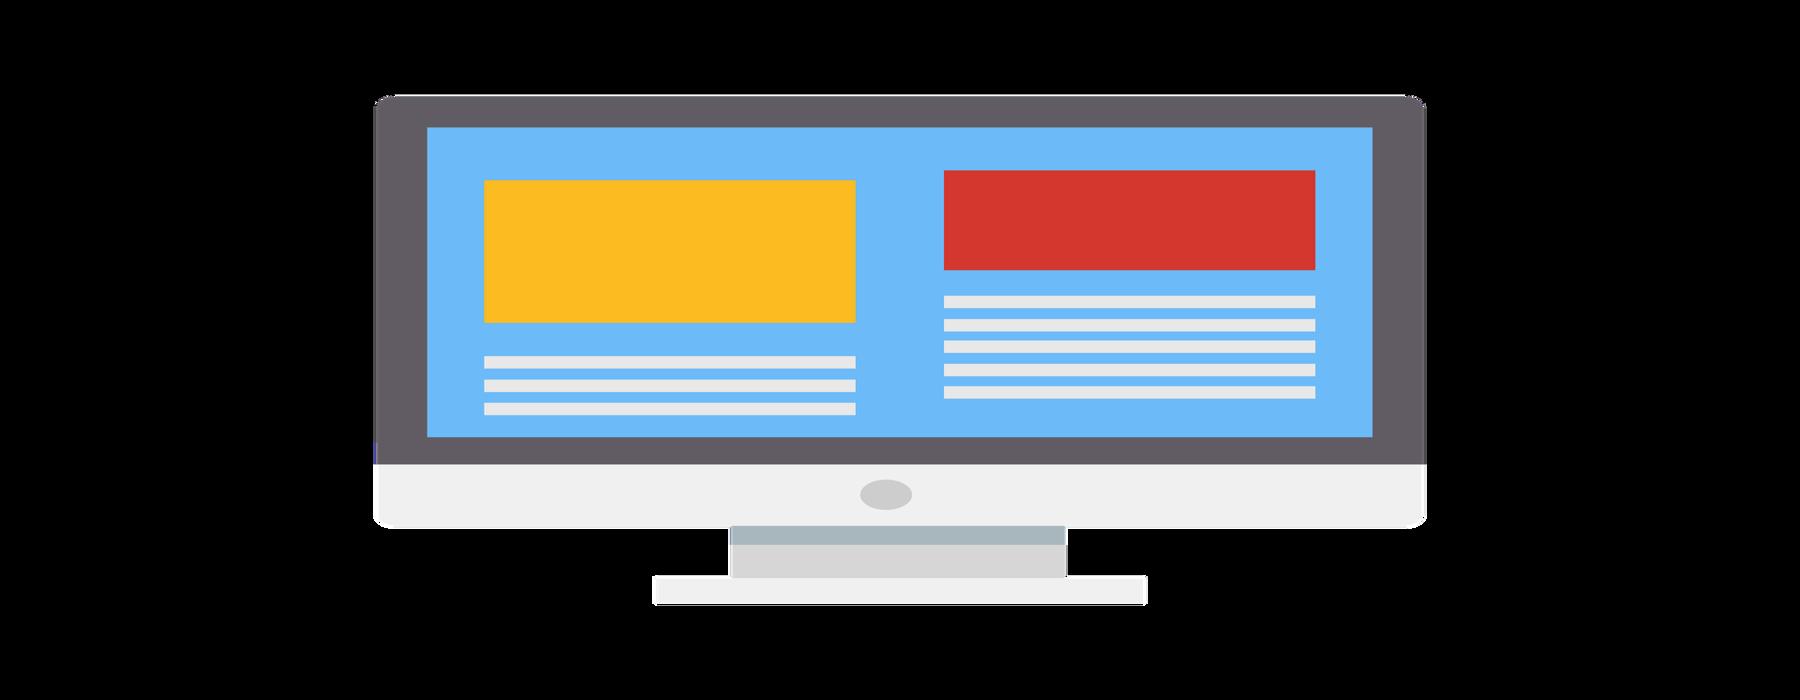 Оптимизиране на лендинг страница в три стъпки